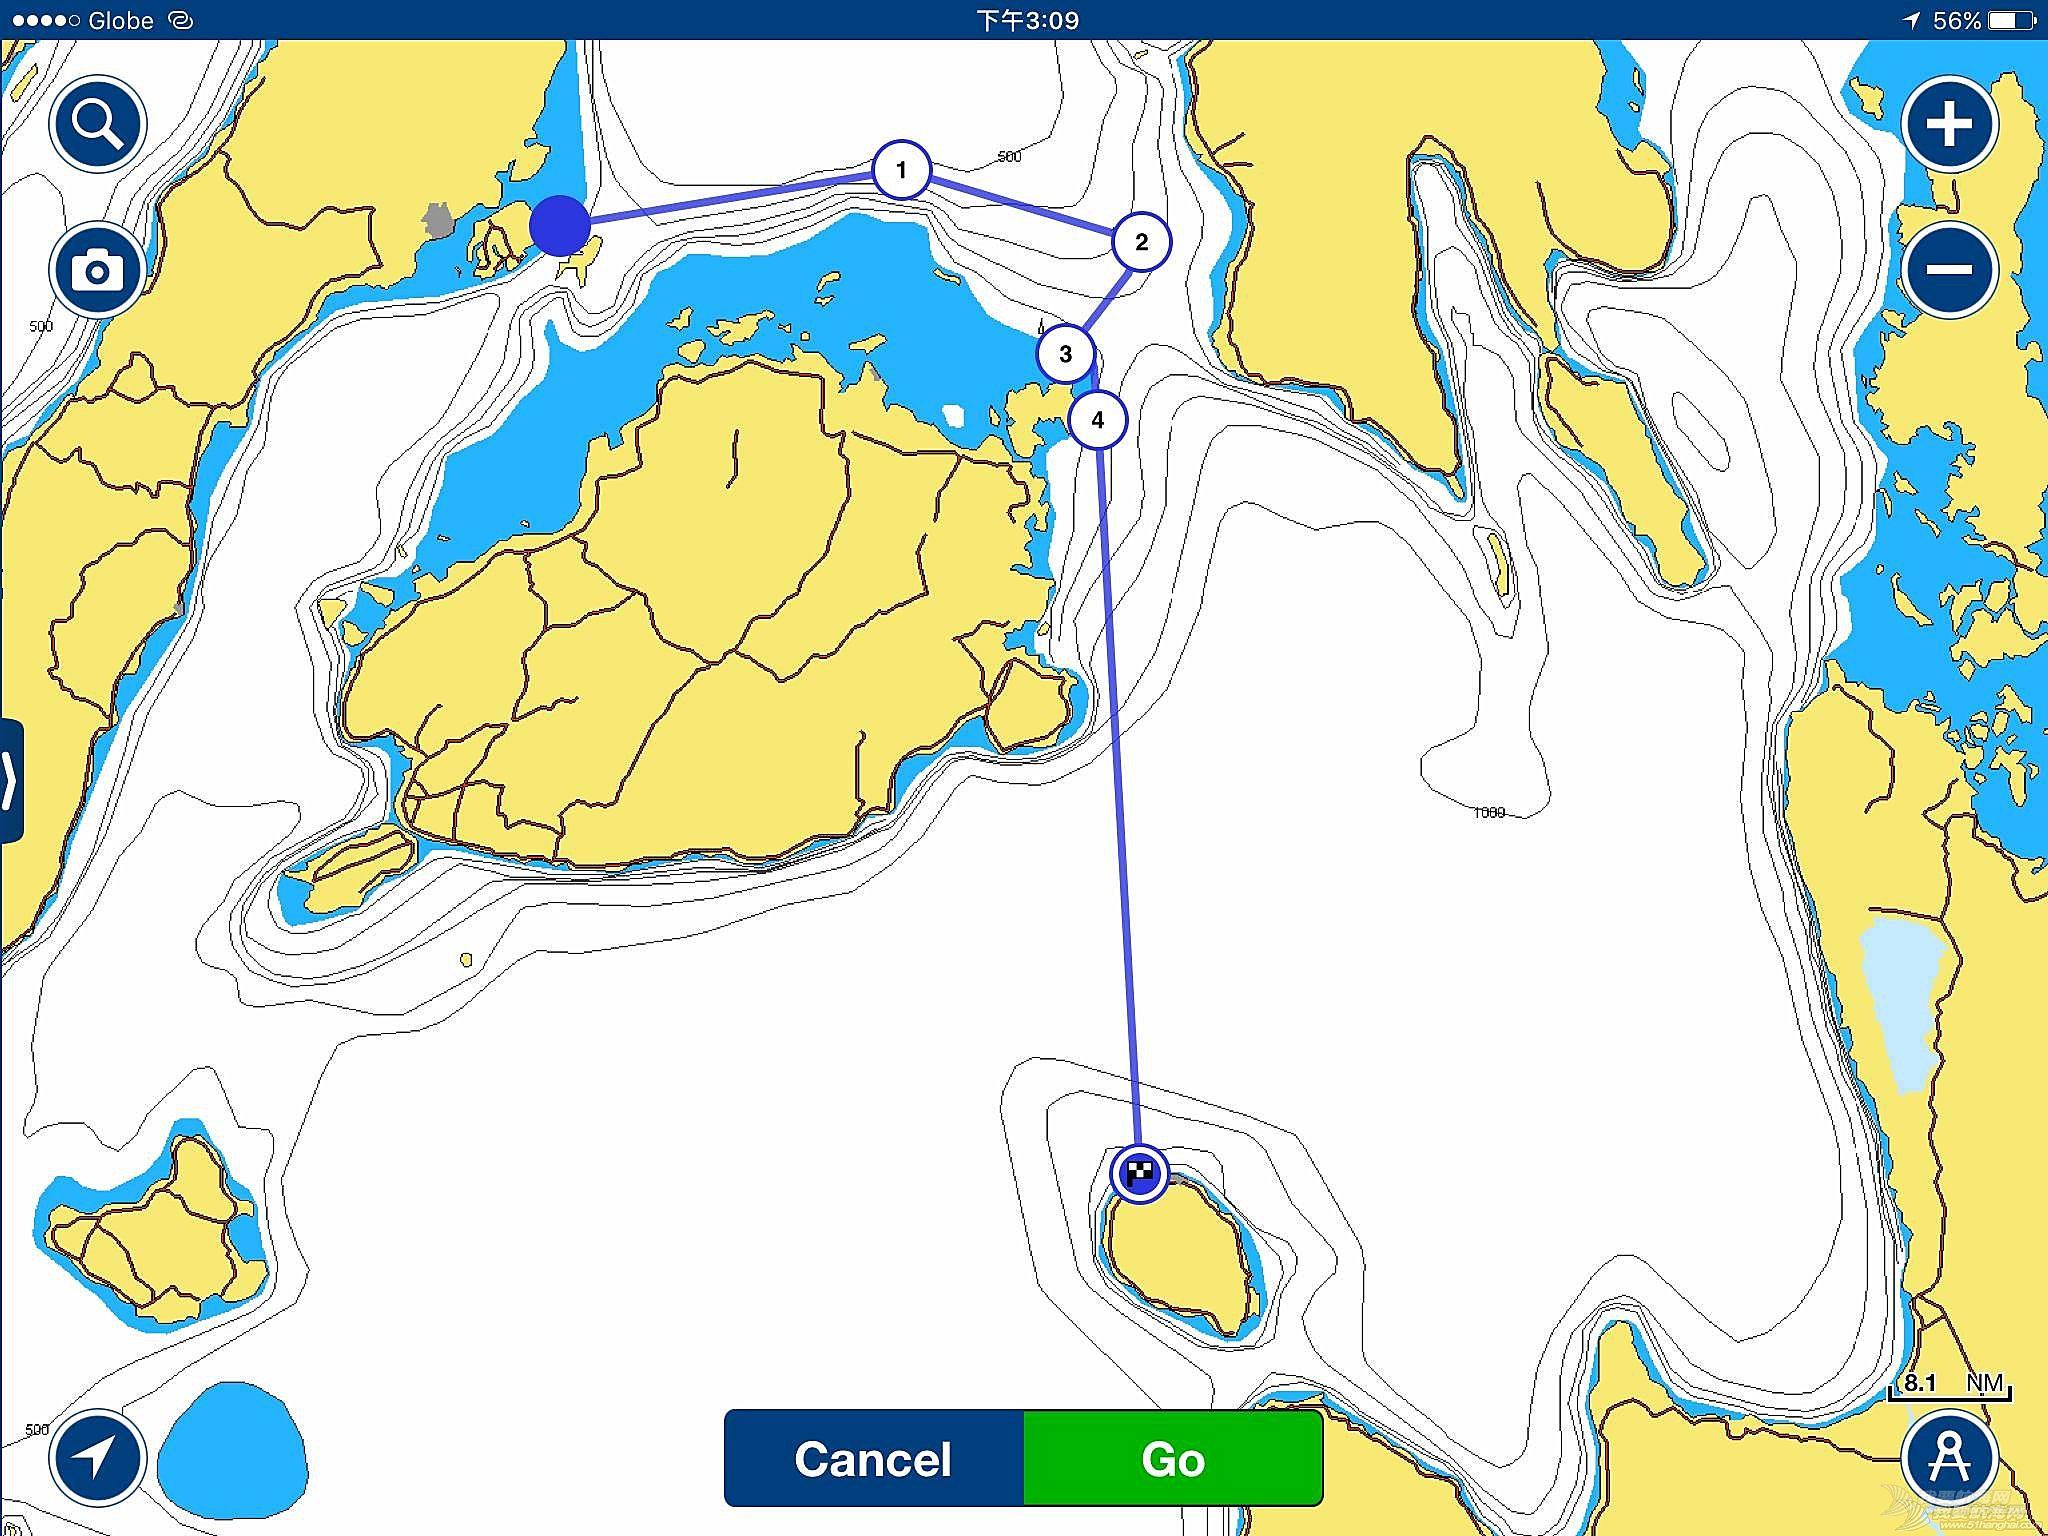 Ocean,Rover号船长,离开宿务 Ocean Rover双体帆船离开宿务继续前行,浅滩或断崖你选择在哪停泊?